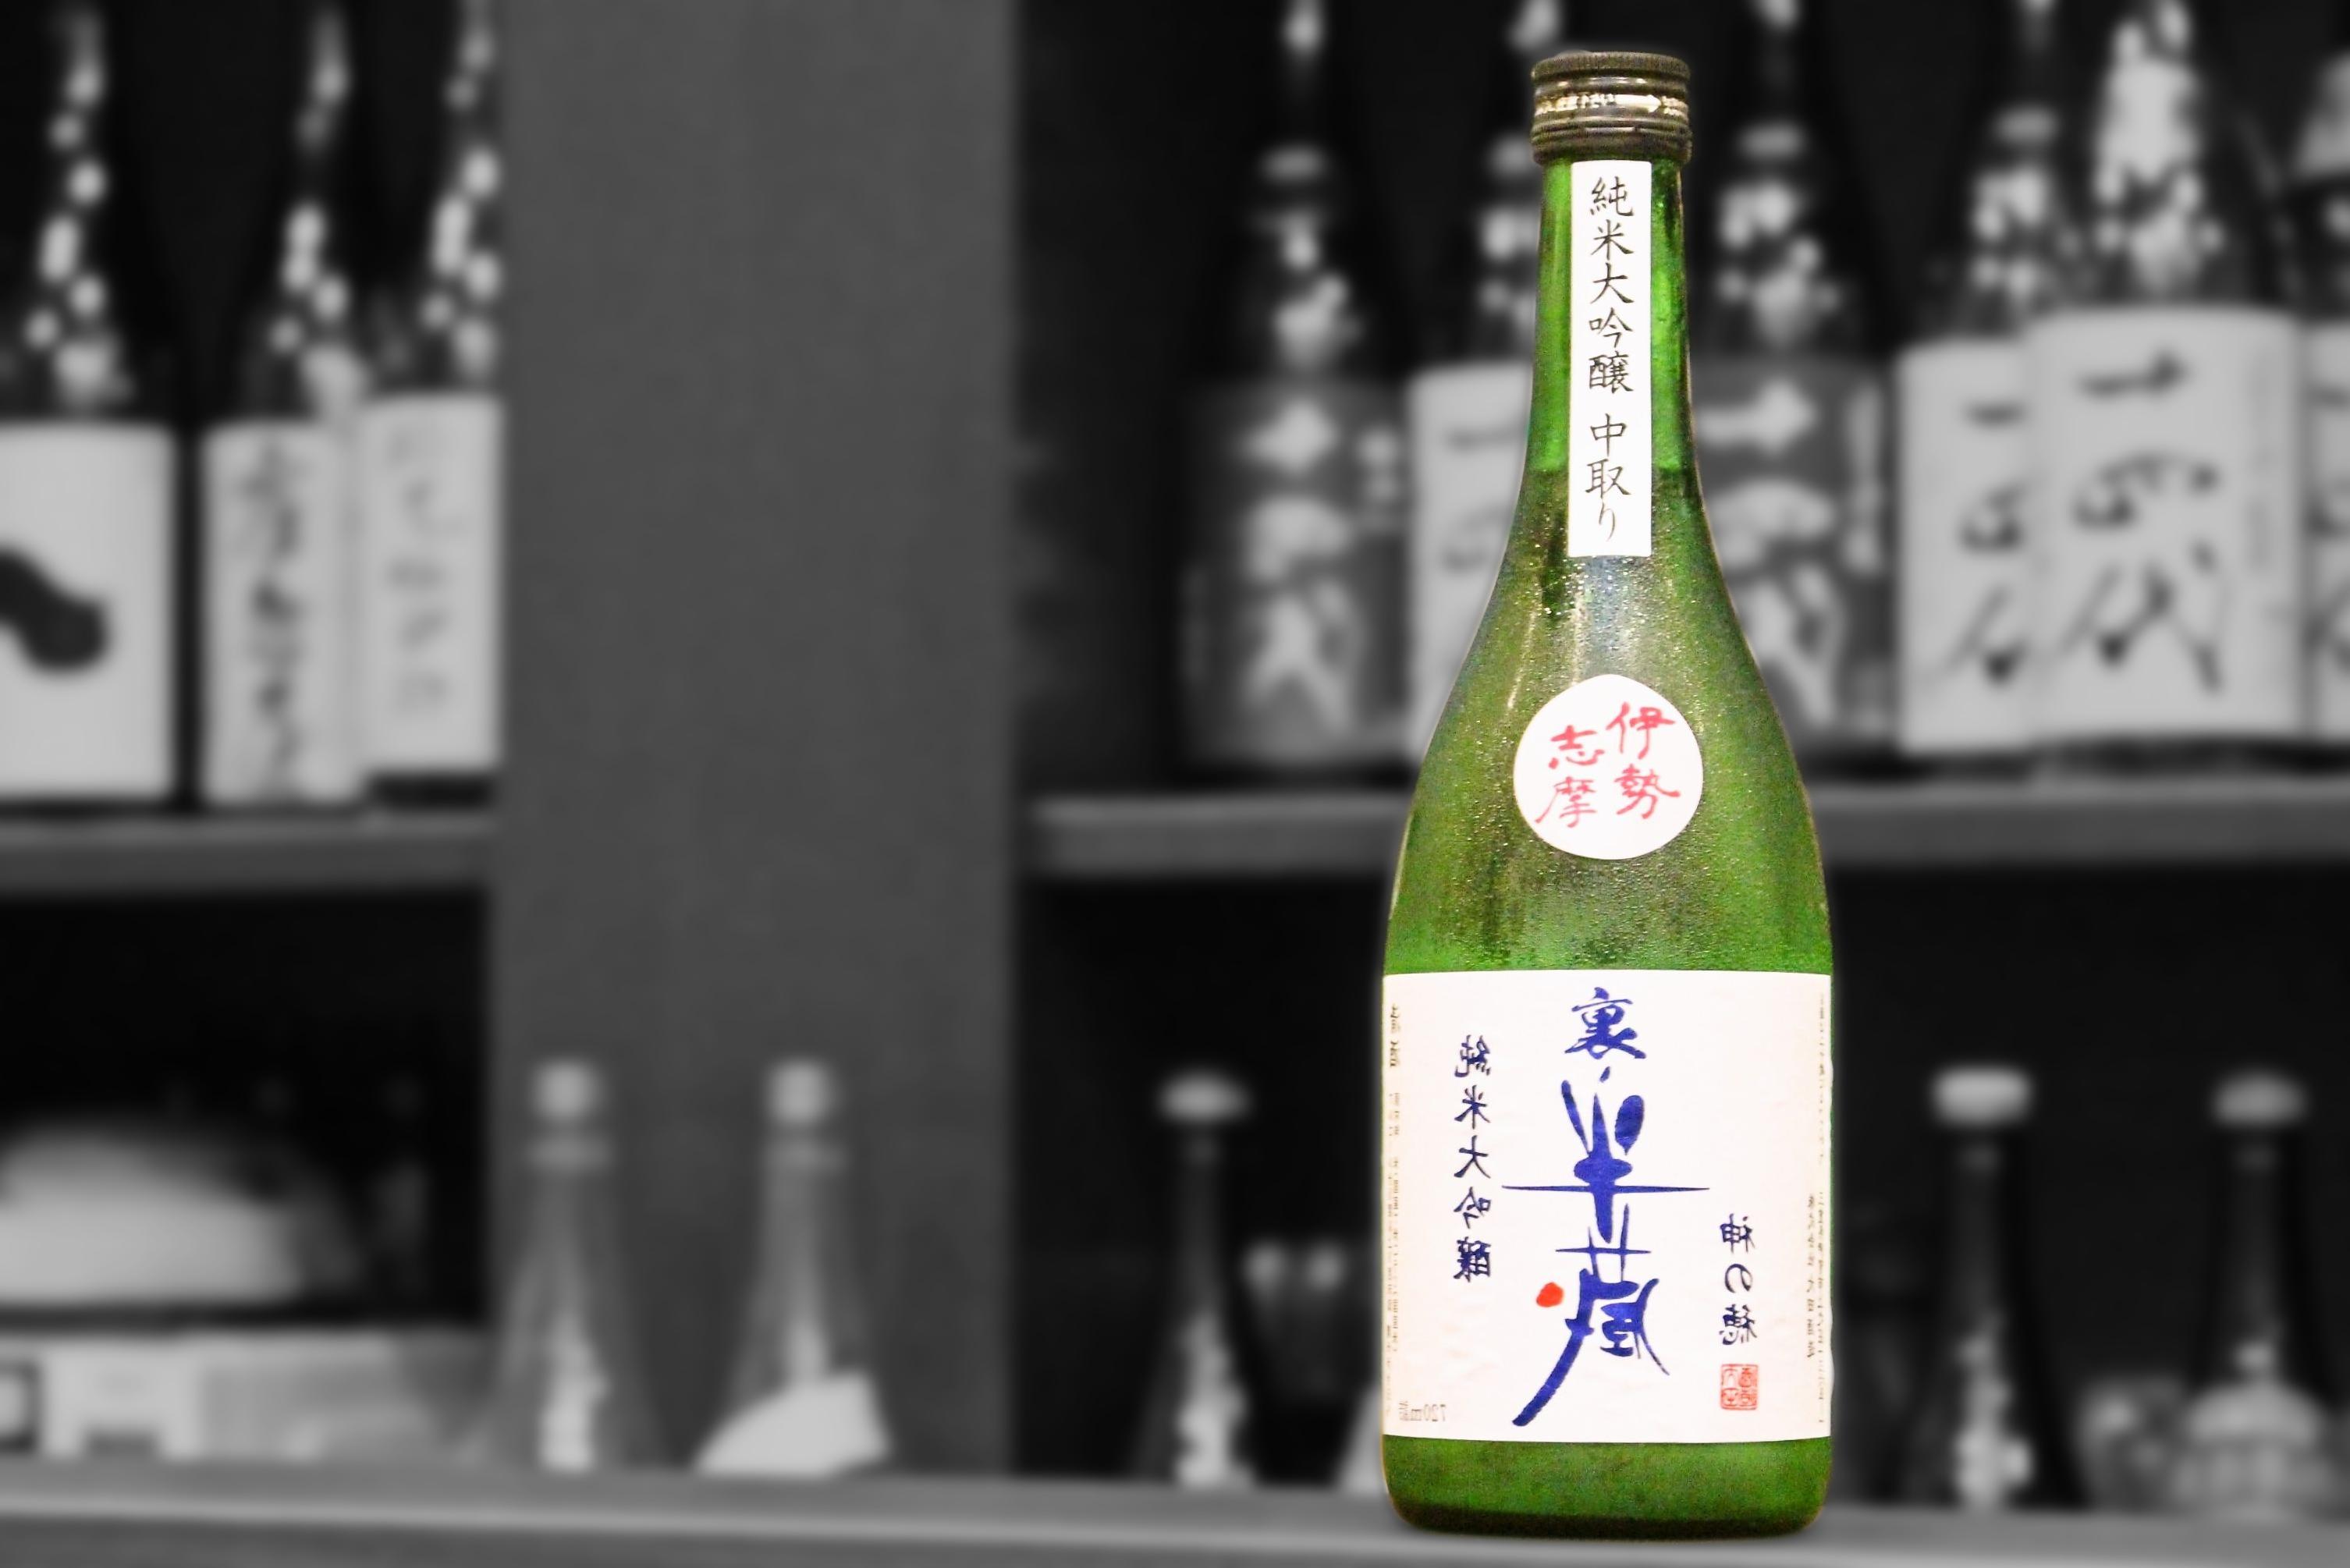 裏半蔵純米大吟醸中取り202008-001